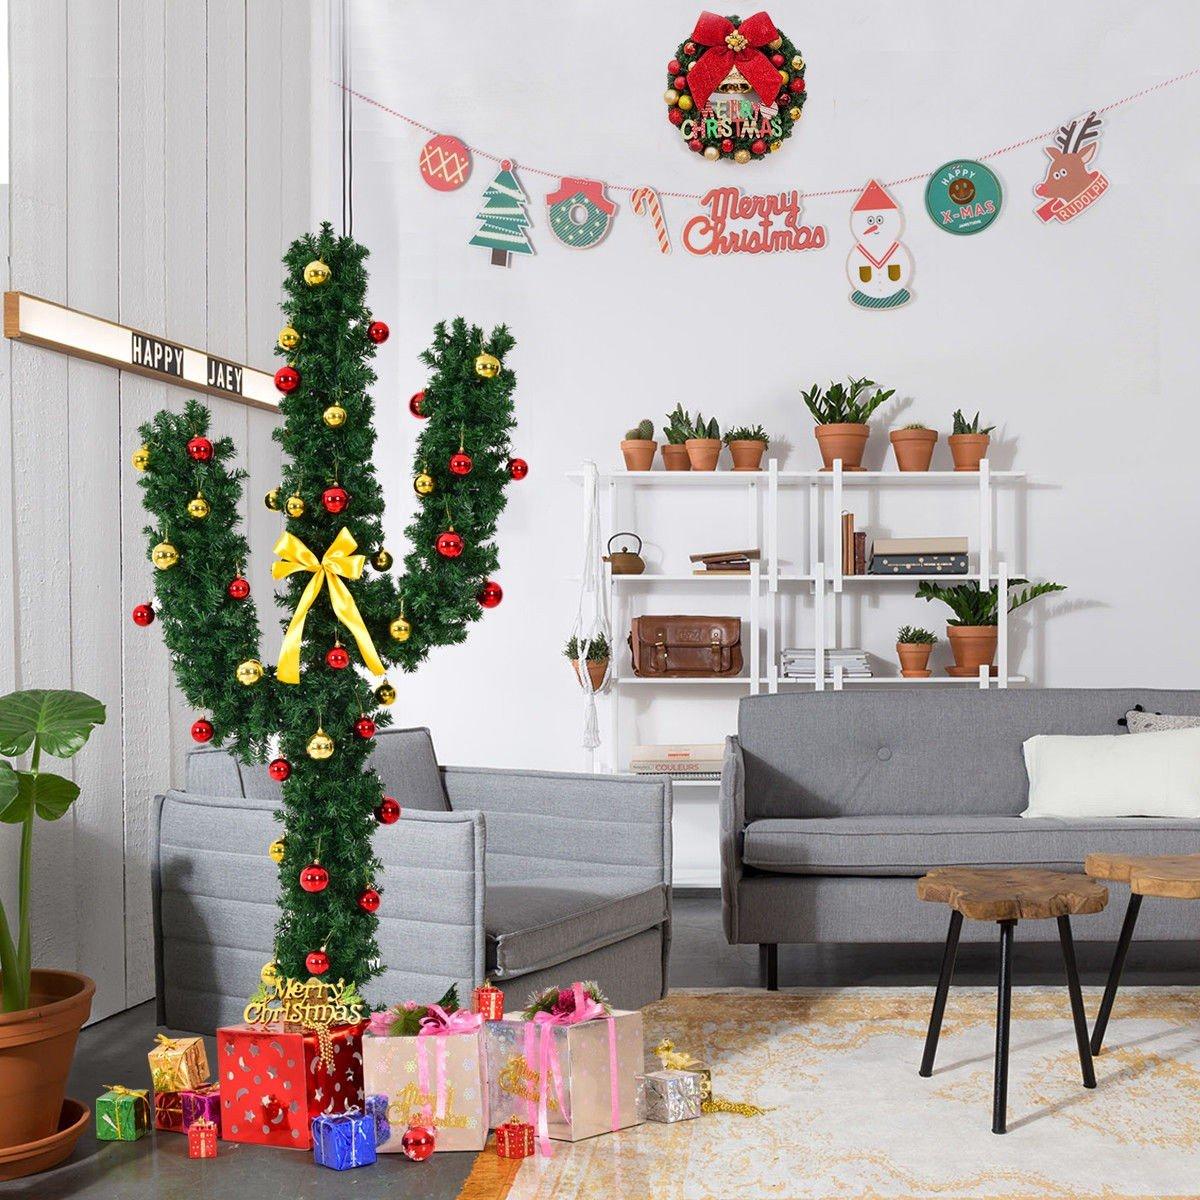 Cactus Christmas Tree.5 Artificial Cactus Christmas Tree W Lights And Ball